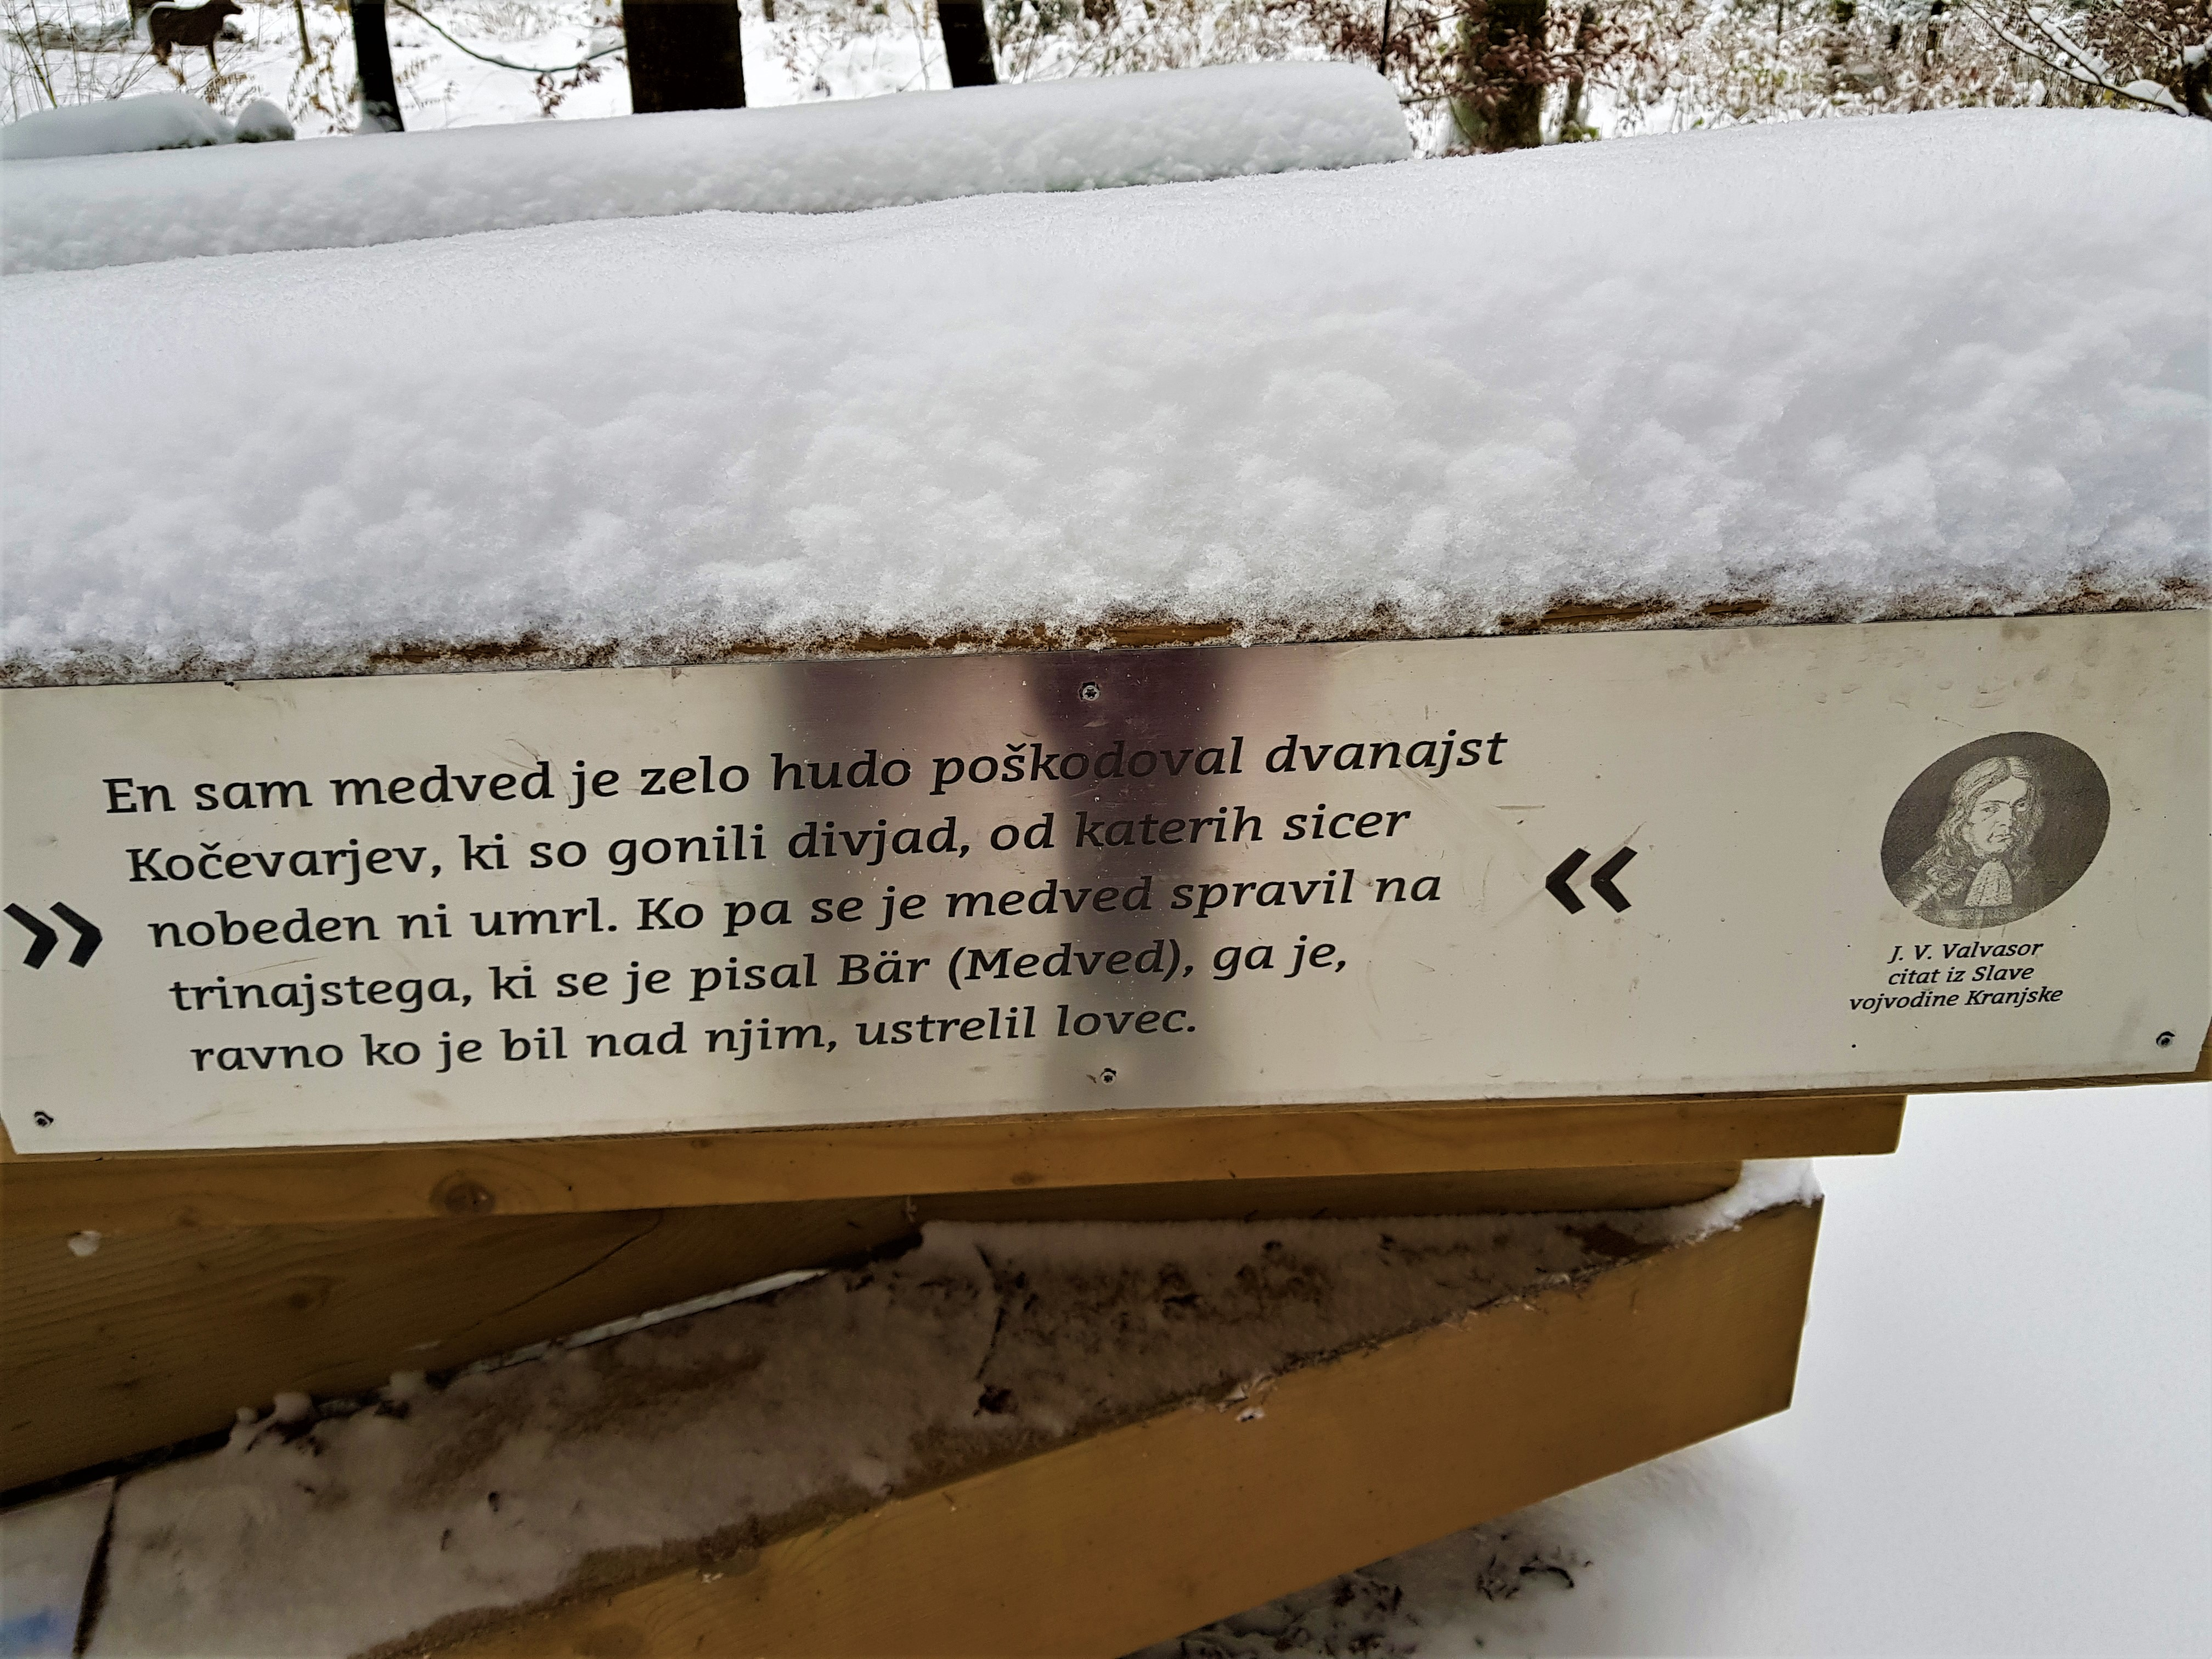 Zapis Janeza Vajkarda Valvasorja o notranjskih medvedih.